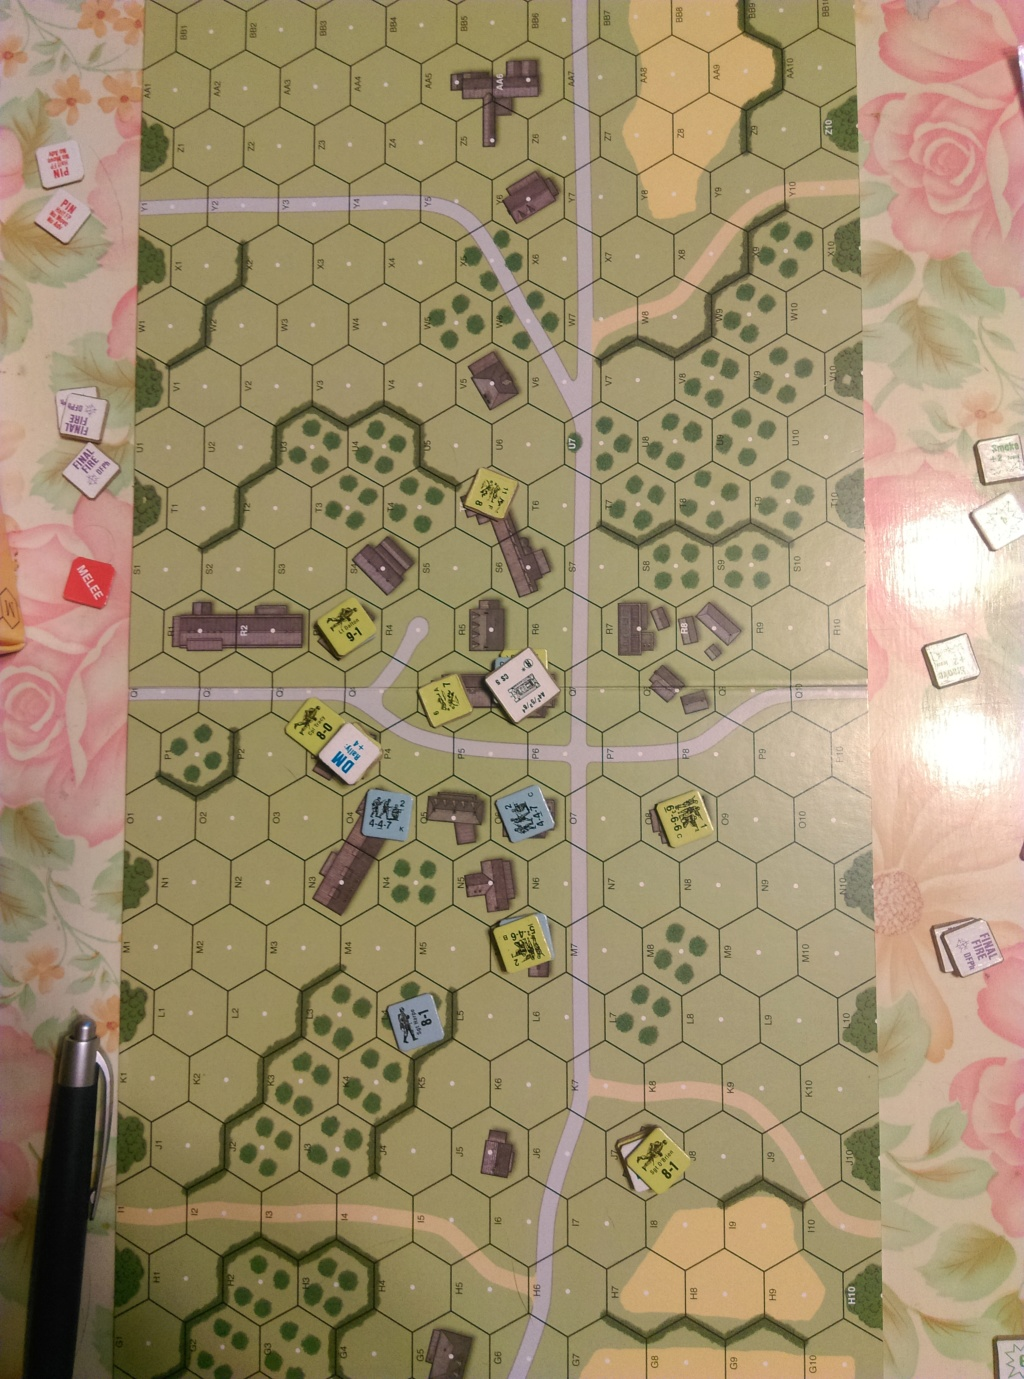 S-059 ASLSK game in Wugu (John vs David) S-059-10